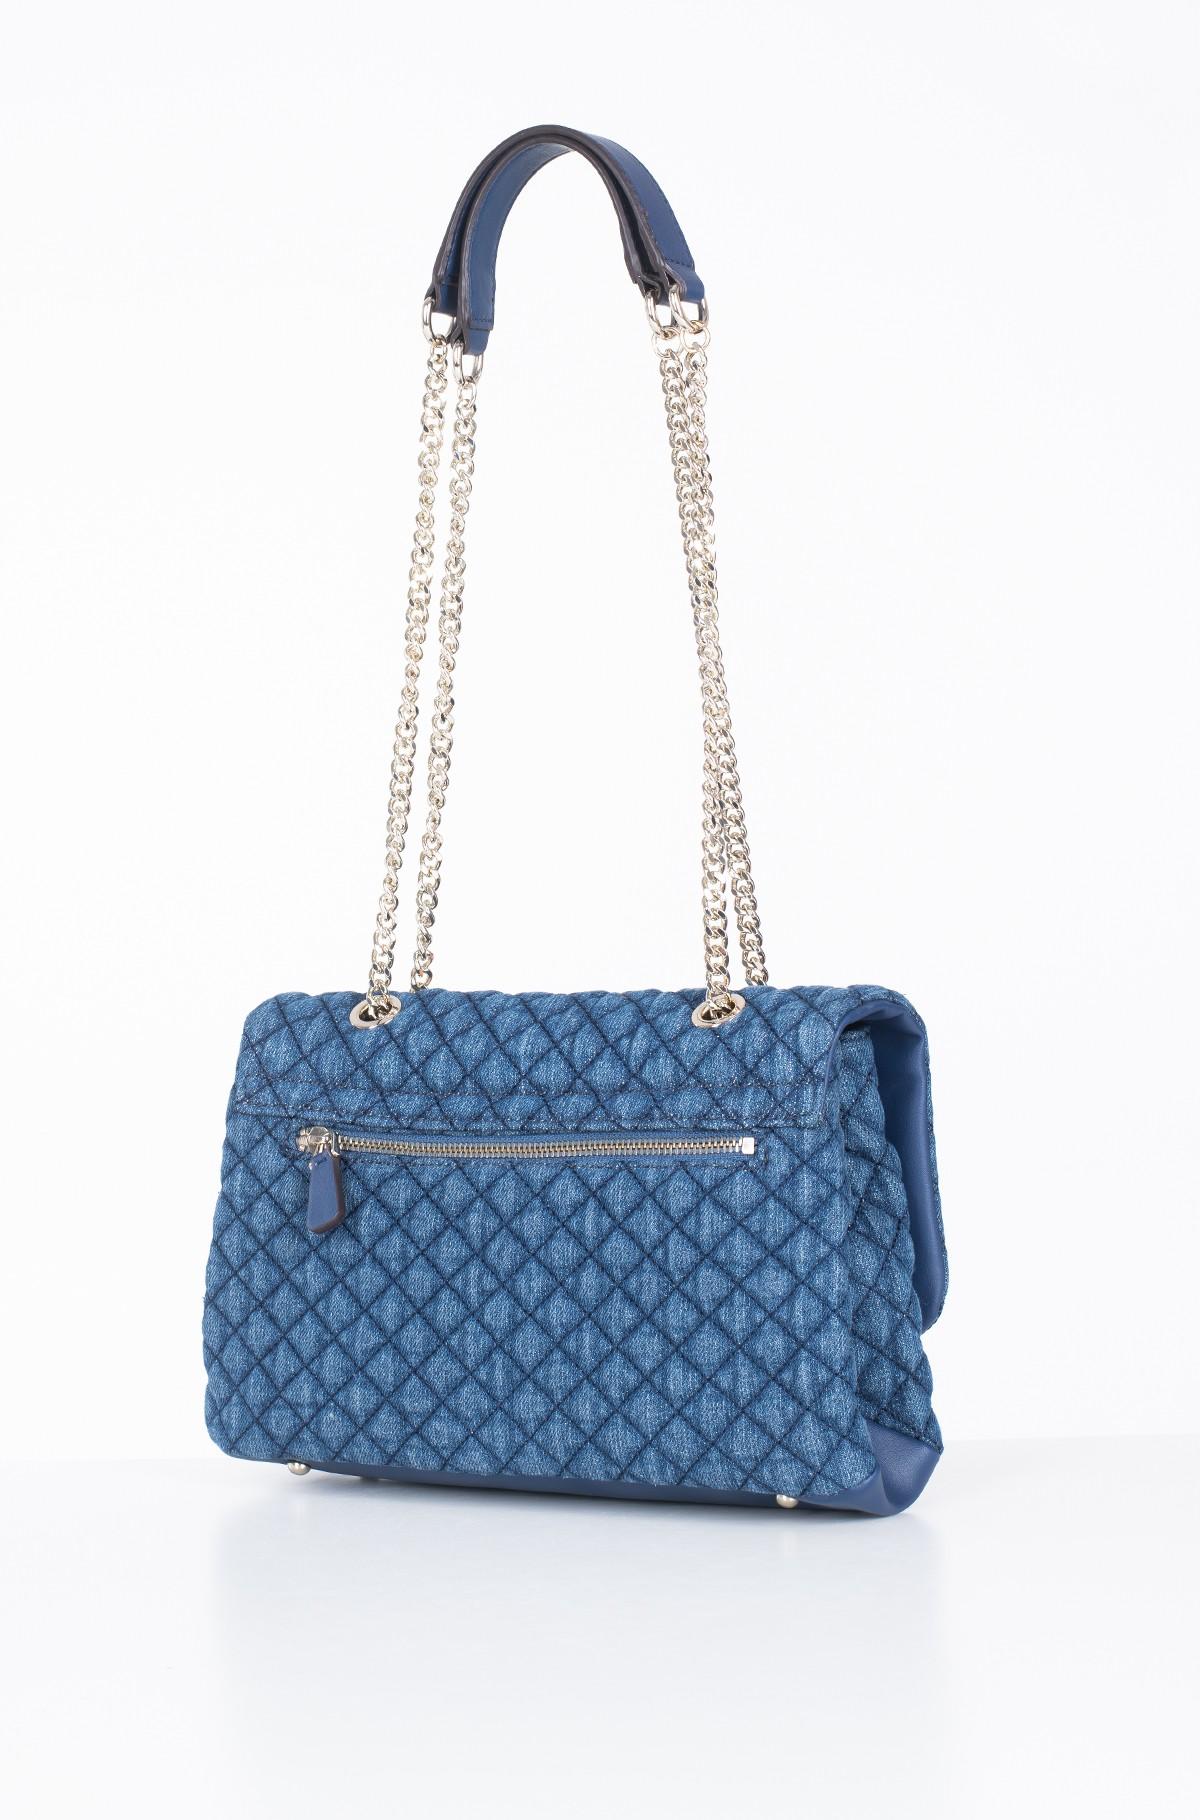 Shoulder bag HWDG74 08210-full-2